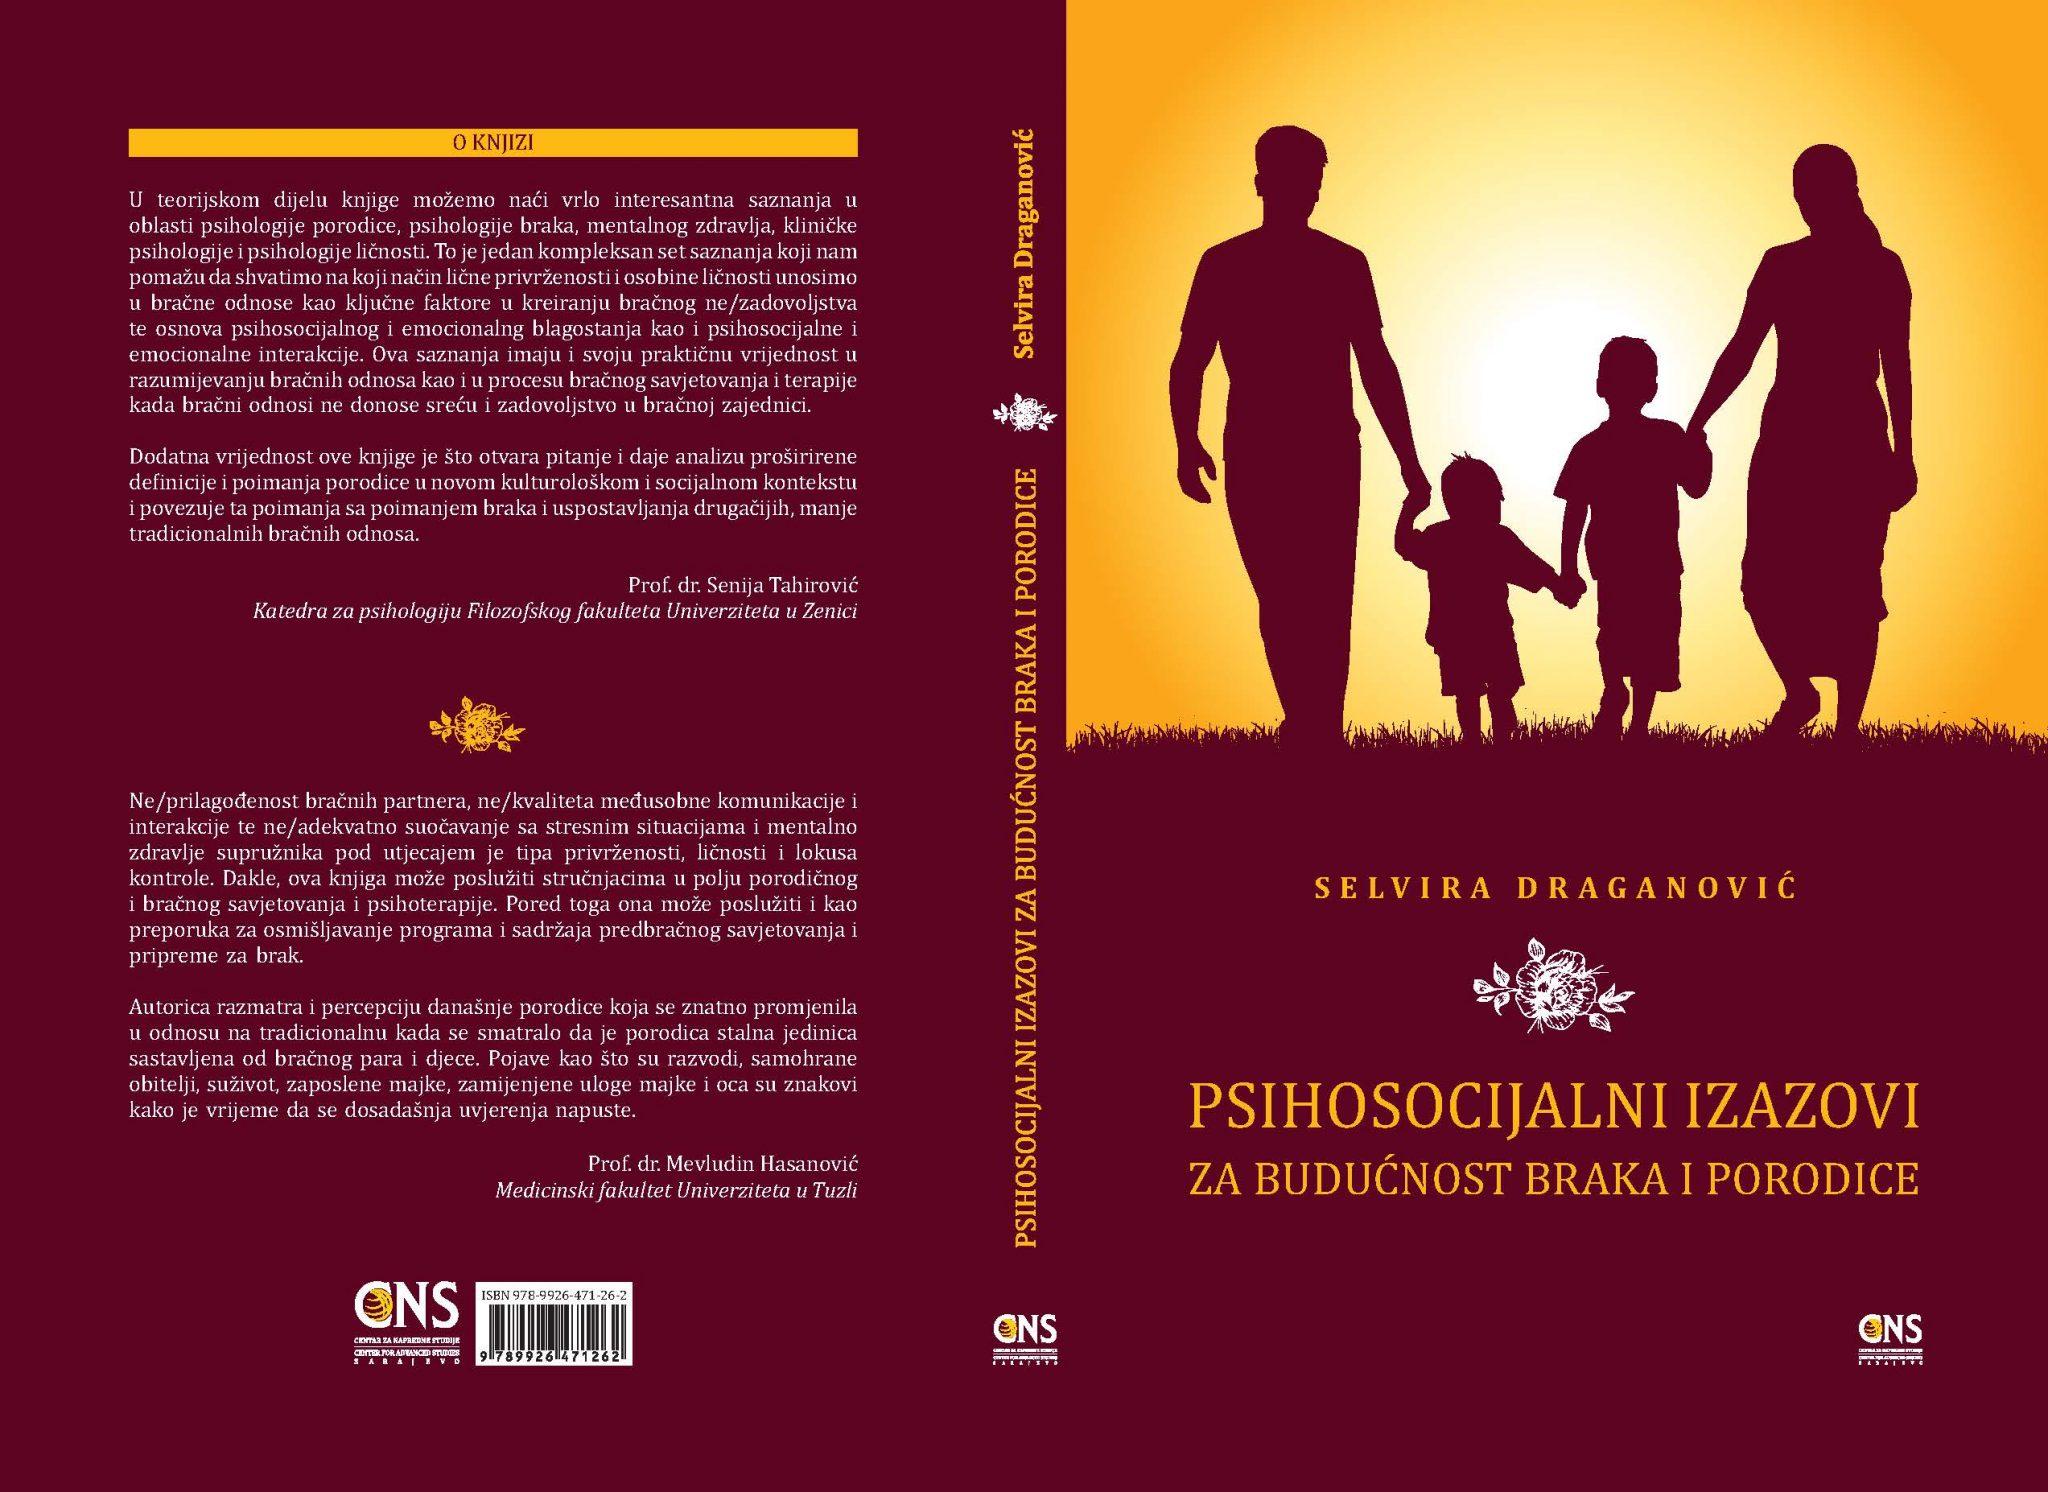 Psihosocijalni izazovi za budućnost braka i porodice